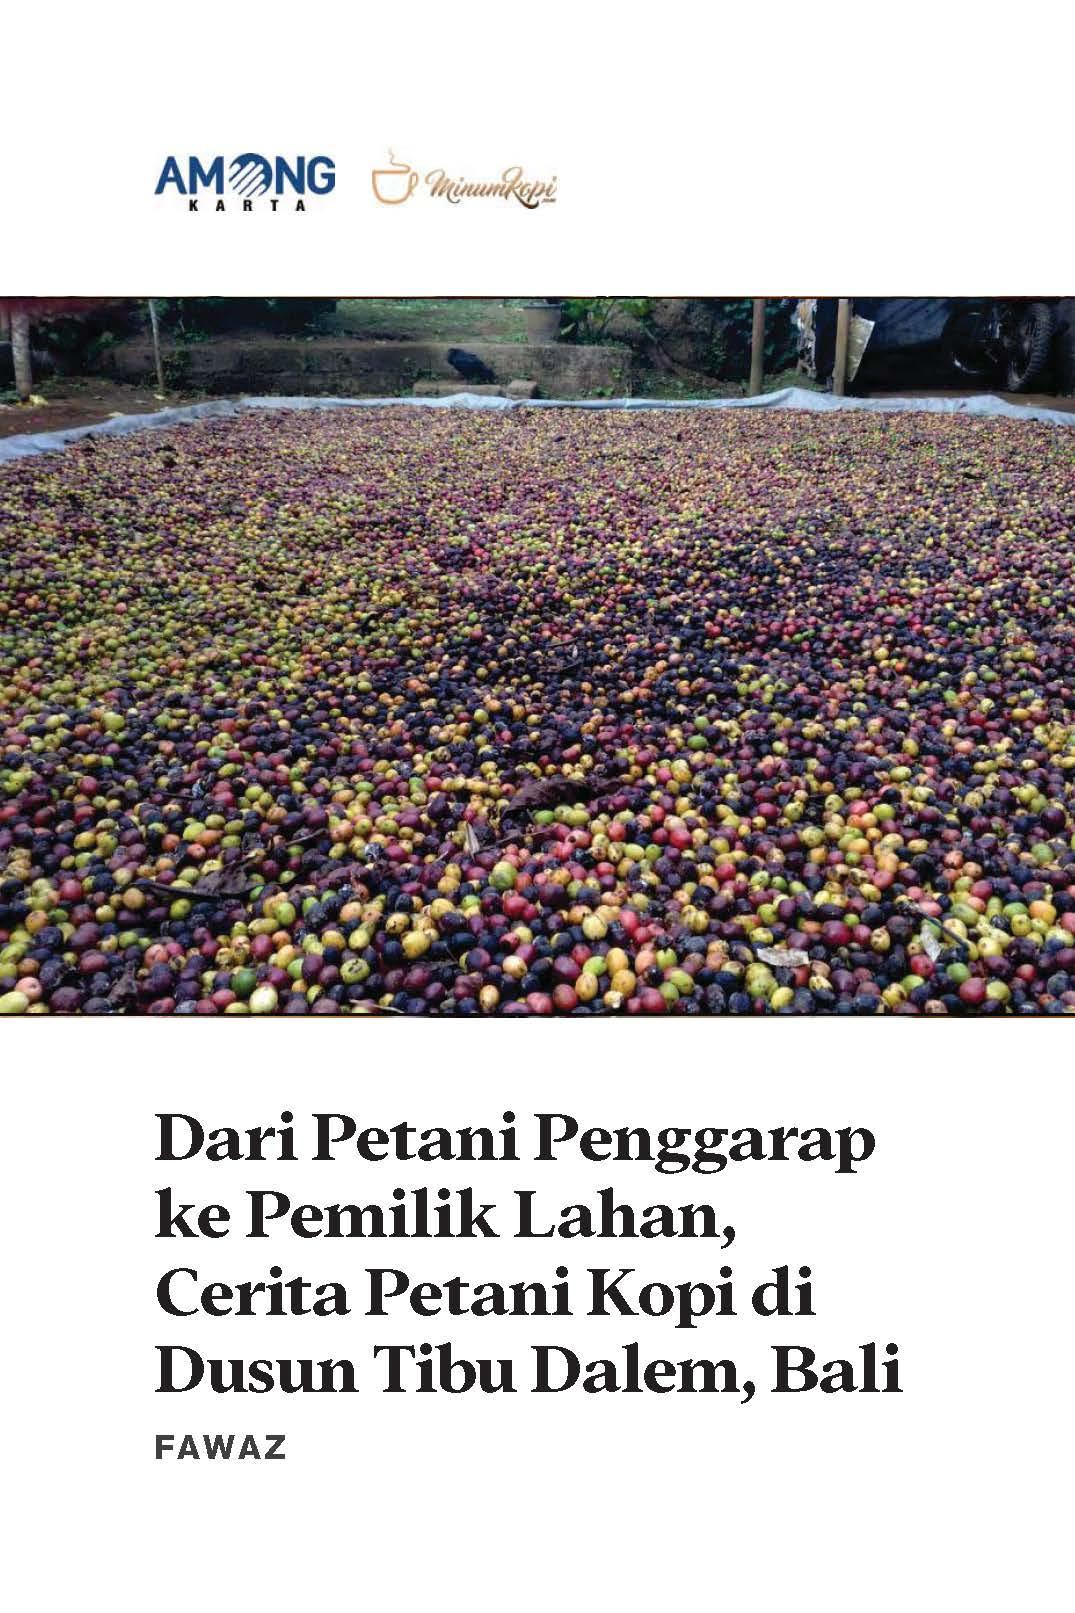 Dari petani penggarap ke pemilik lahan, cerita petani kopi di Dusun Tibu Dalem, Bali [sumber elektronis]